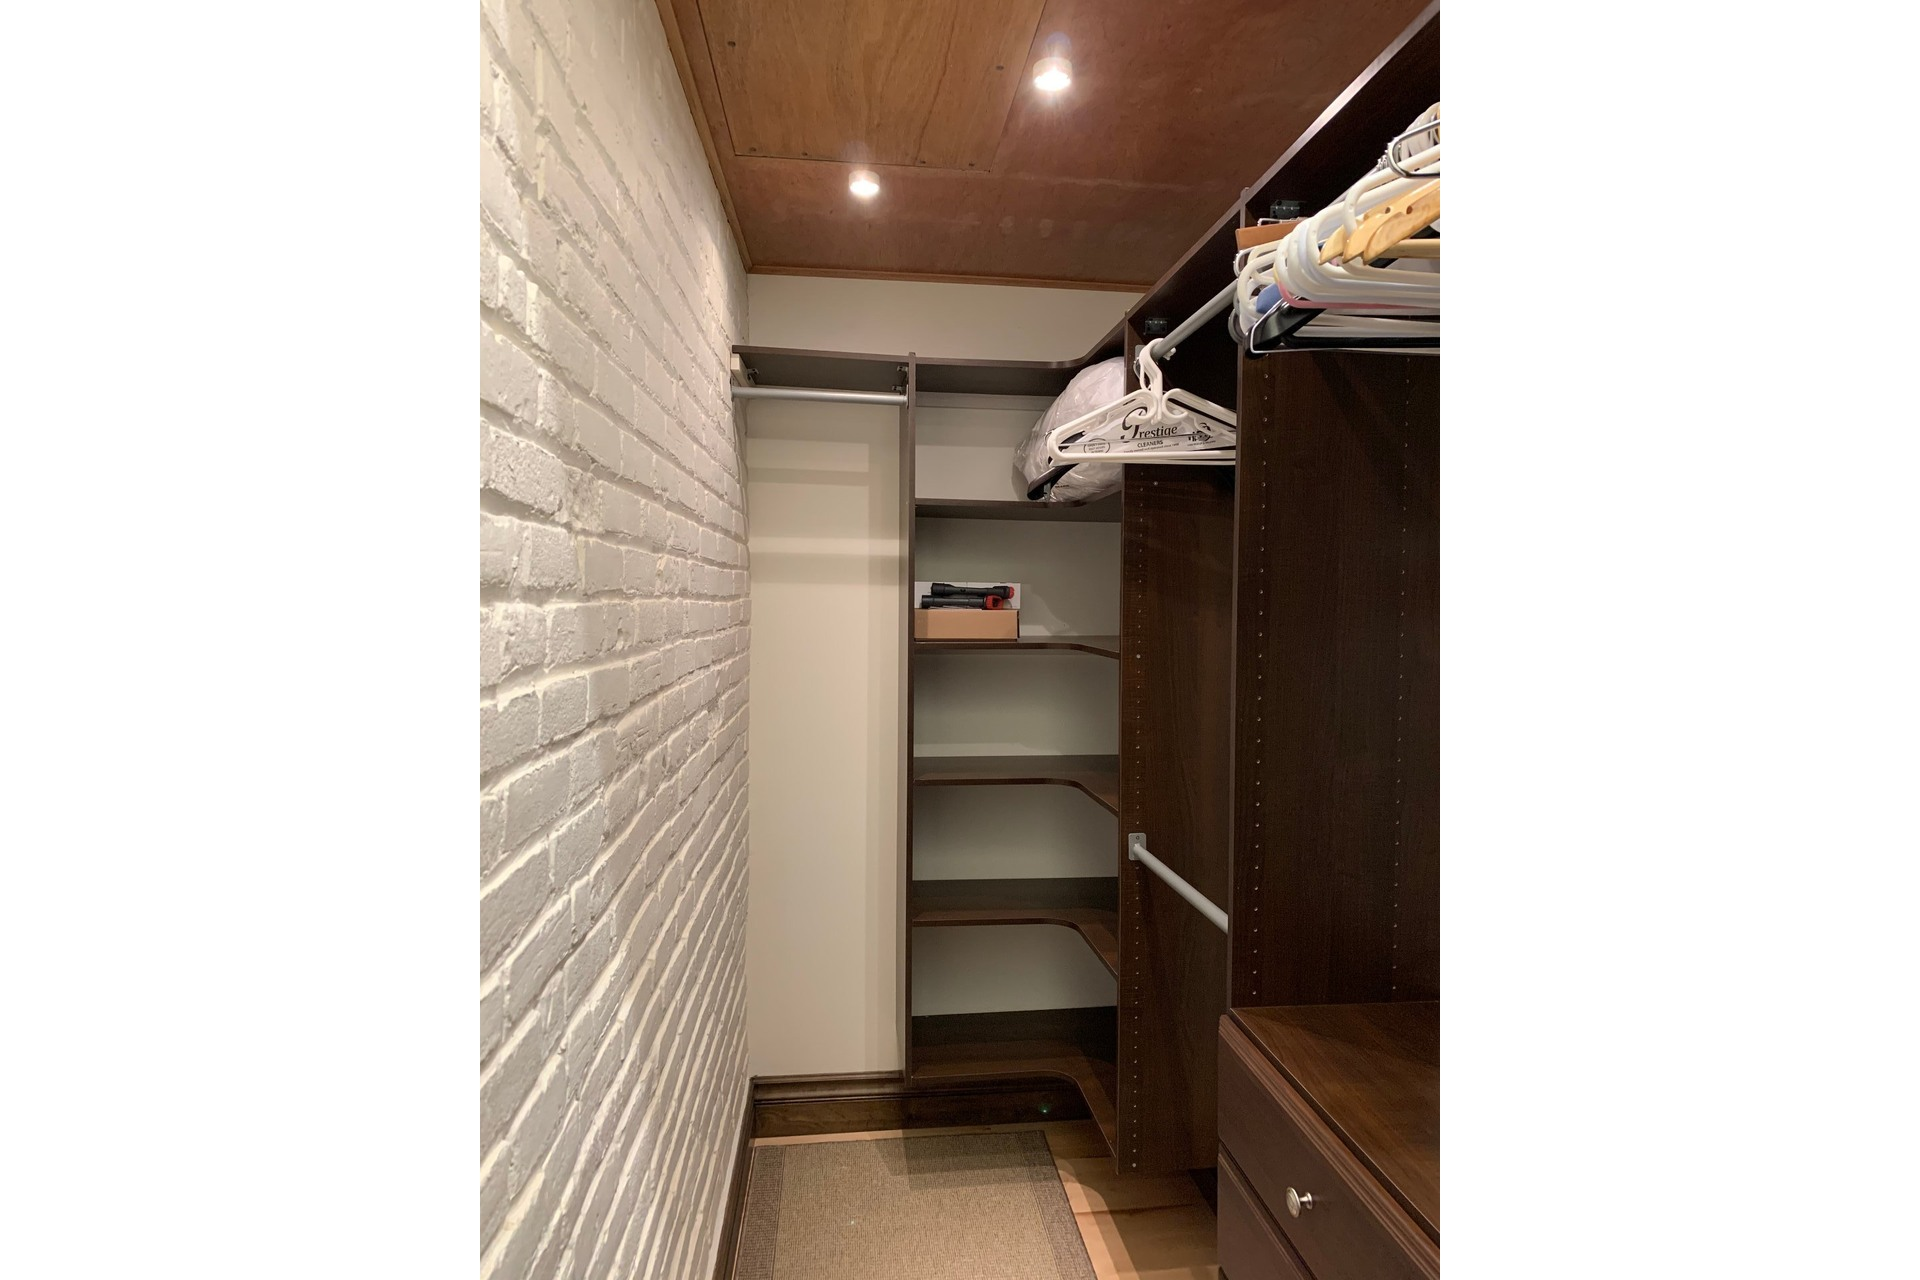 image 13 - Appartement À vendre Le Plateau-Mont-Royal Montréal  - 4 pièces